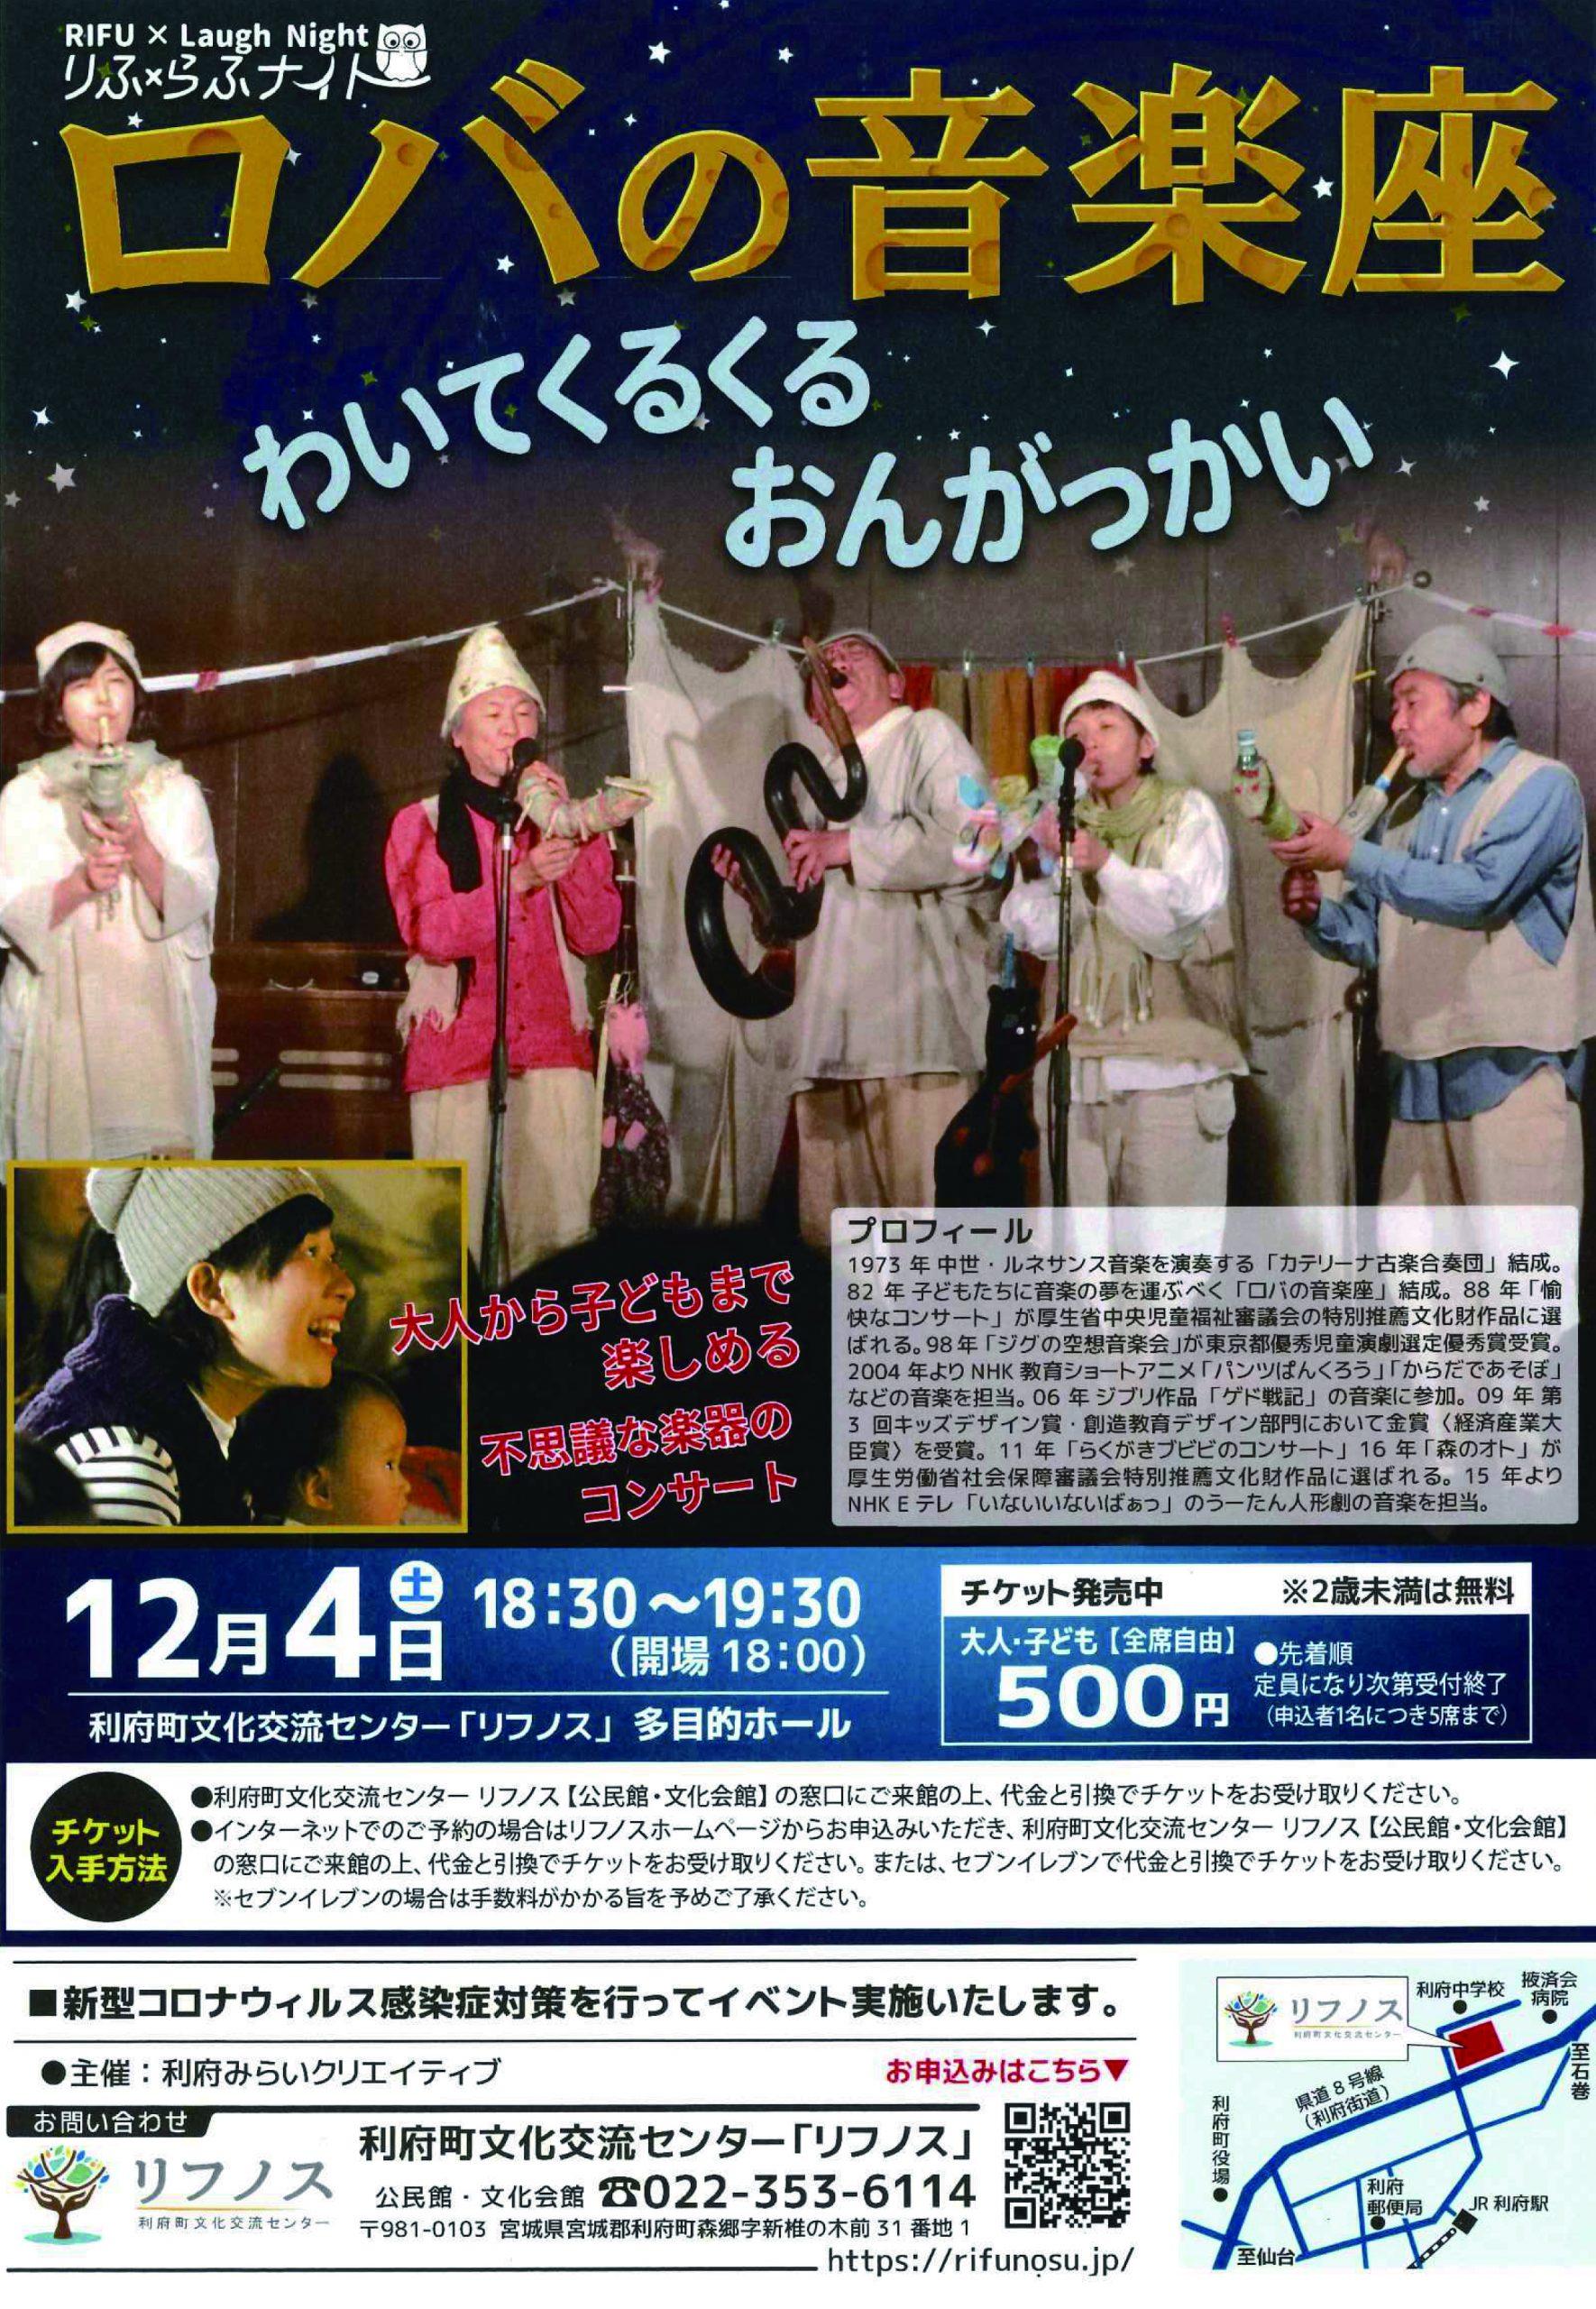 ロバの音楽座(りふ×らふナイト4)